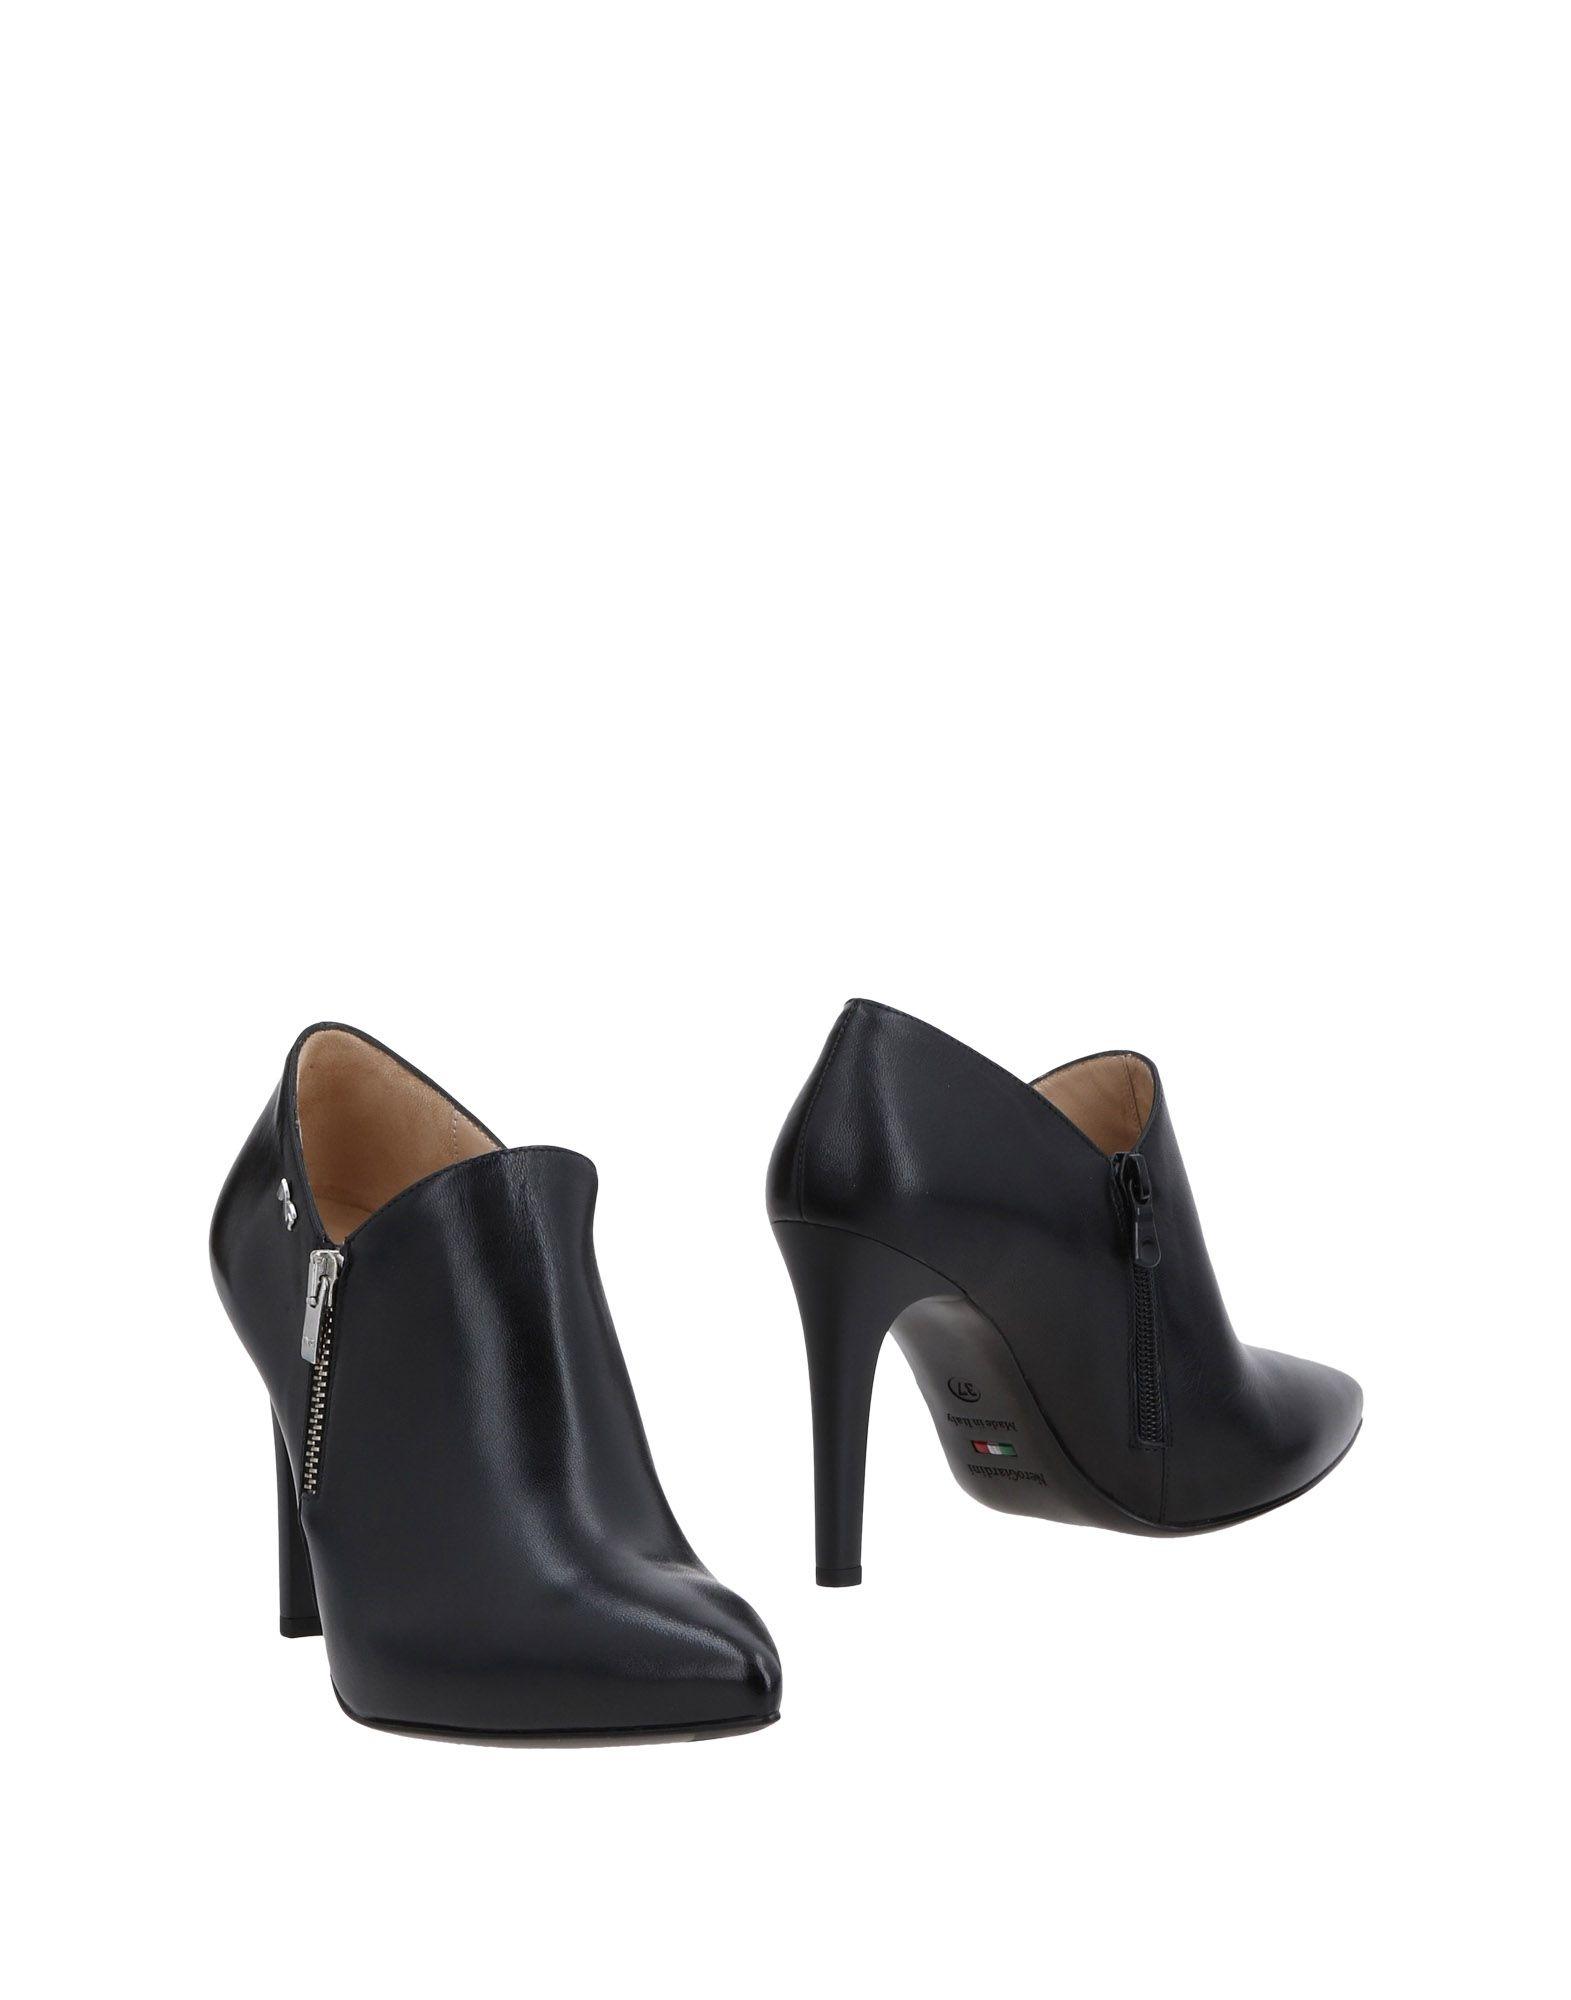 Nero Giardini Stiefelette Damen  11485273GE Gute Qualität beliebte Schuhe